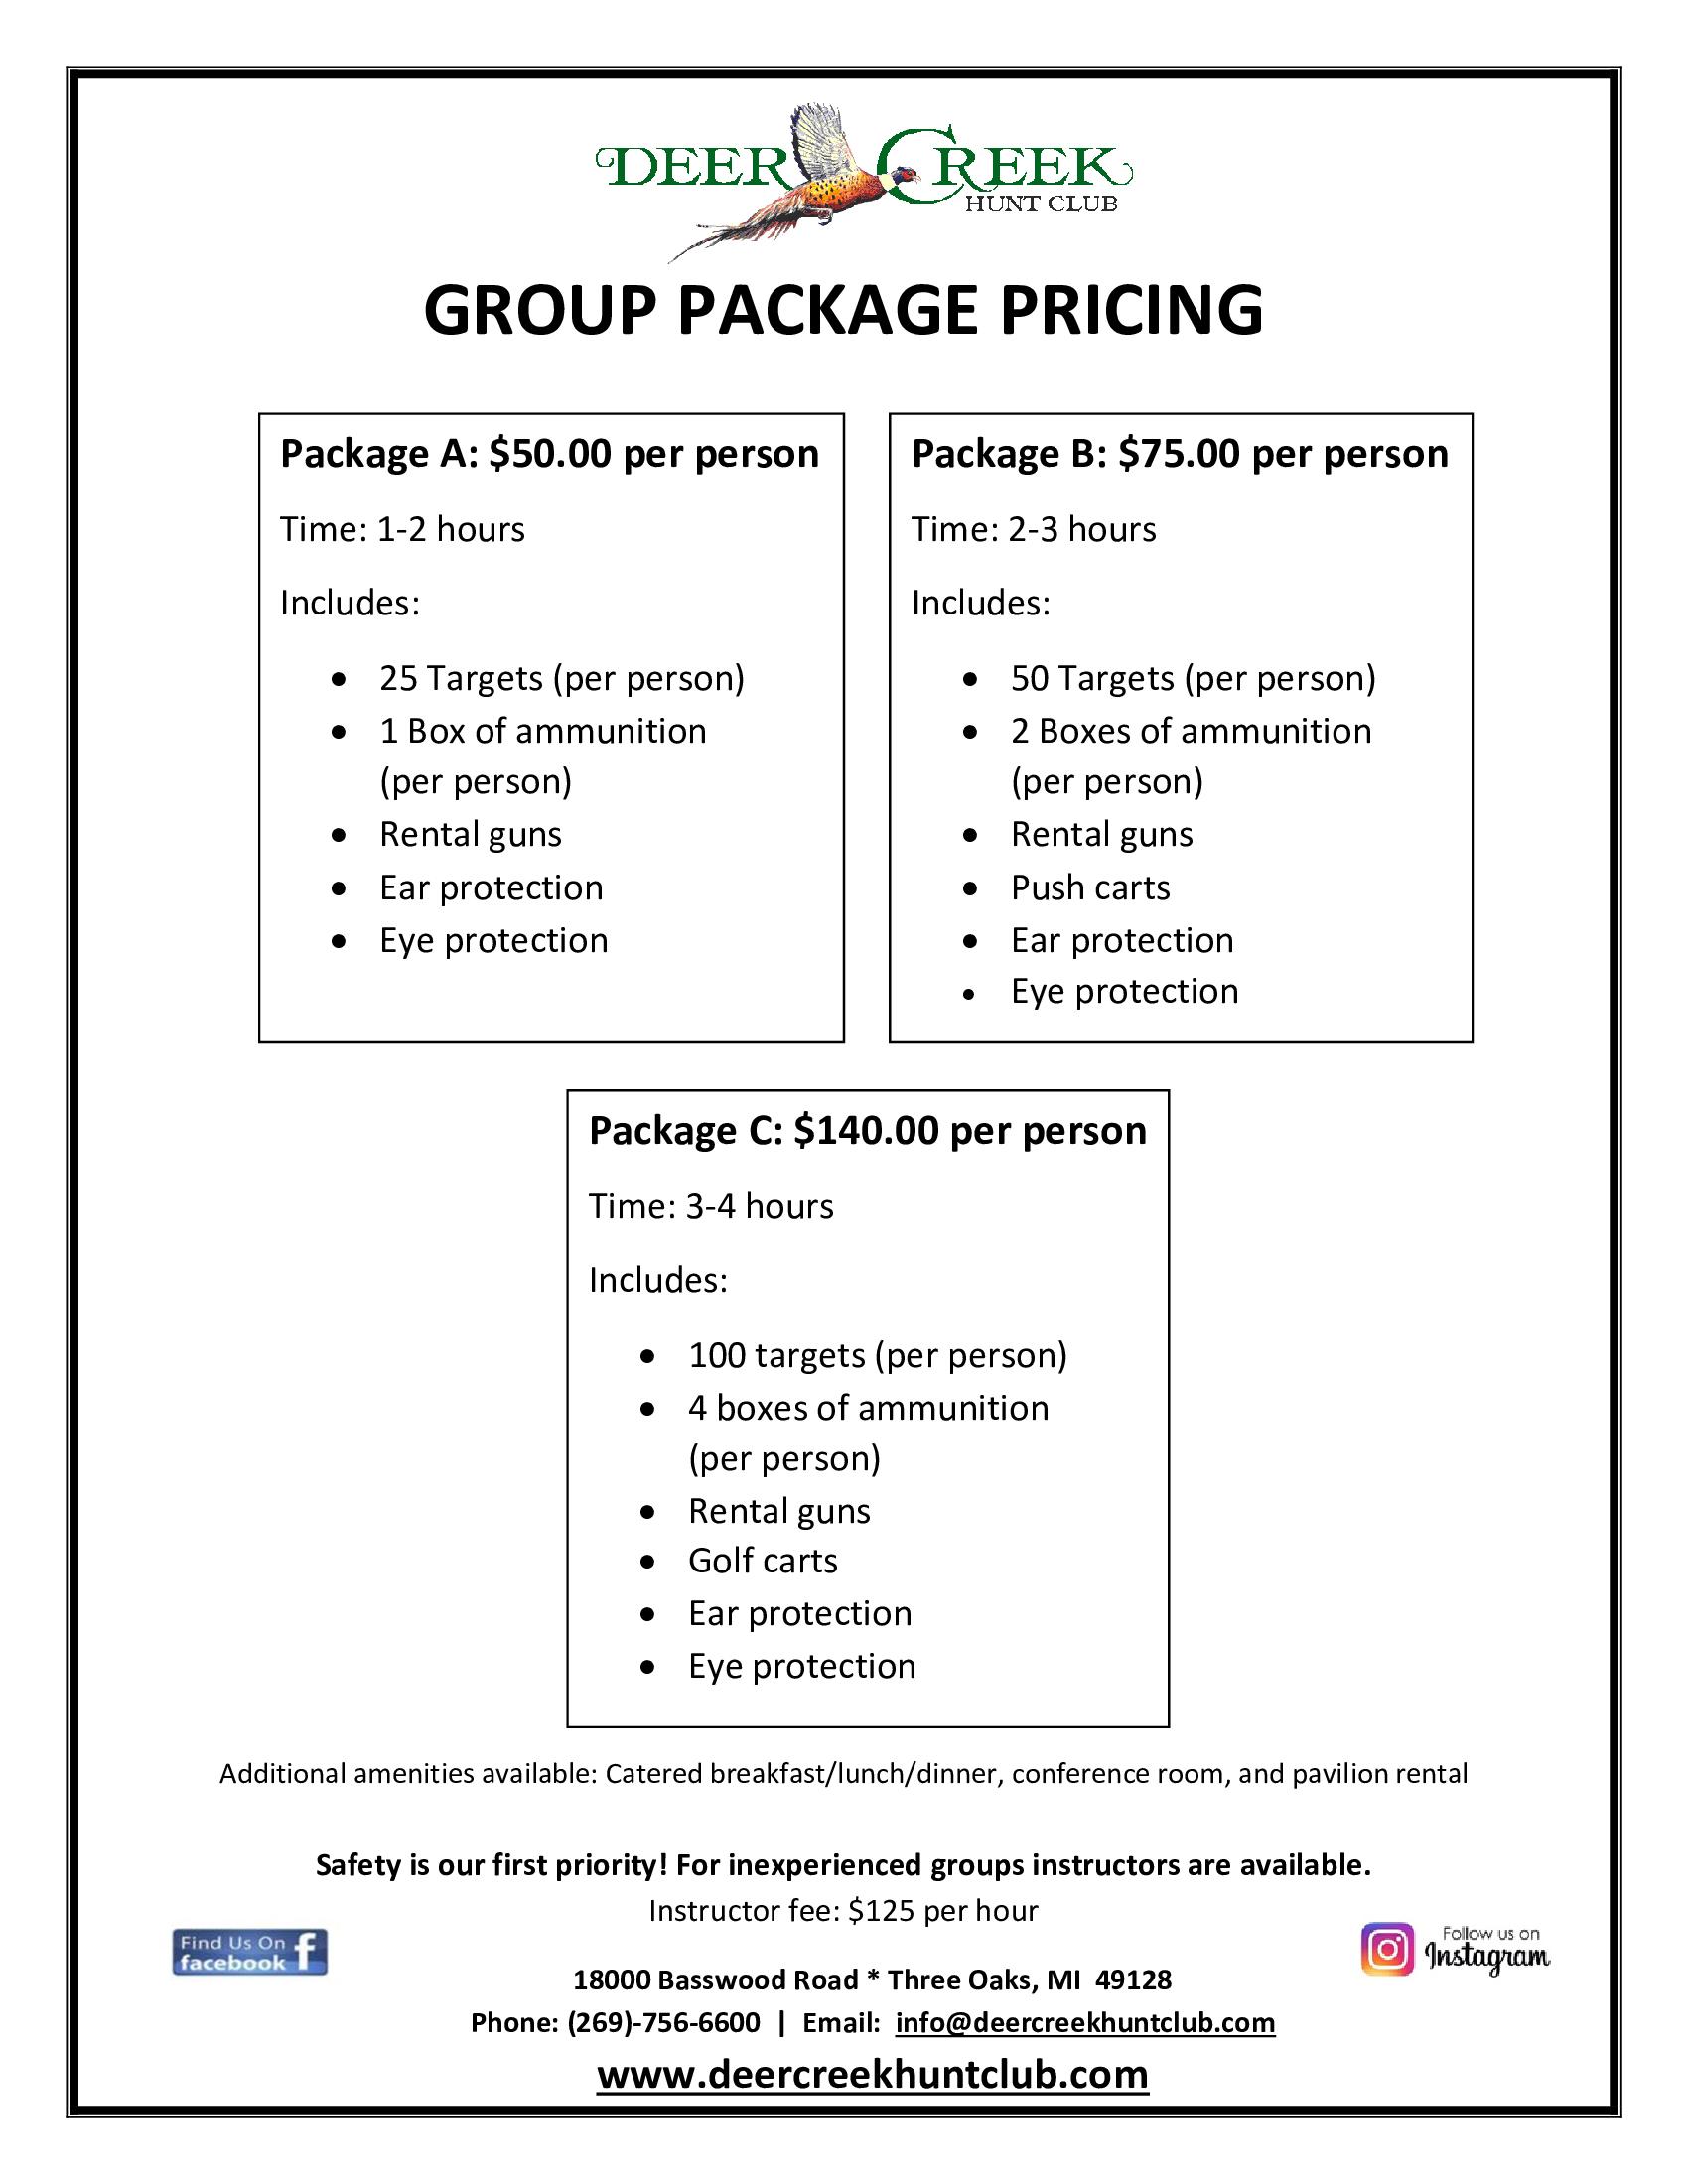 Group Package Pricing jpg